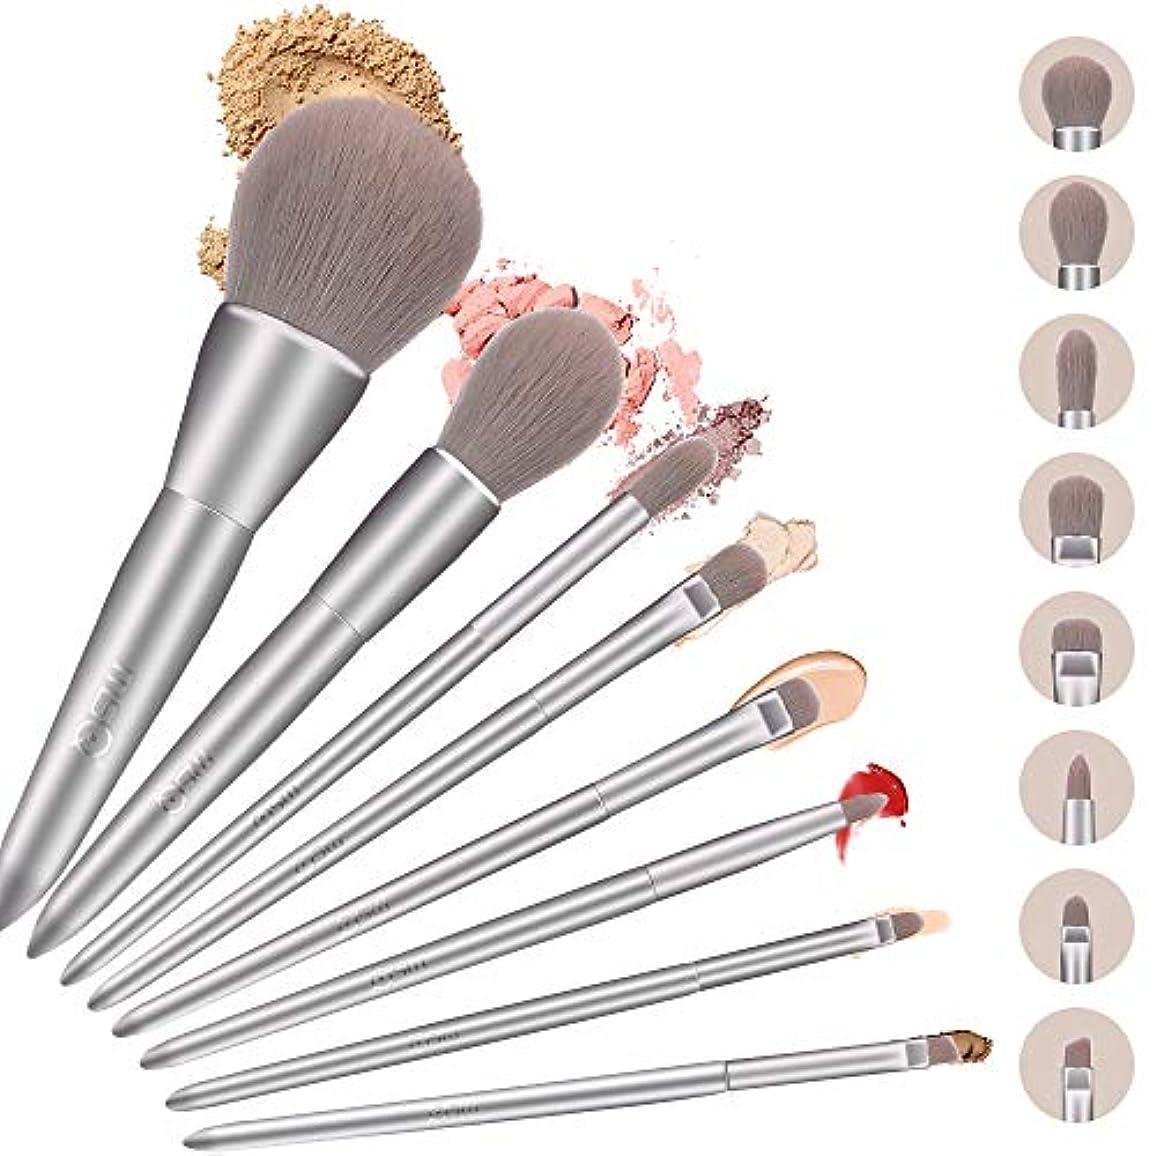 半導体公式クマノミMSQ メイクブラシ 8本セット 誕生日プレゼントゃギフトにもおすすめ 化粧プラシ [ フェイスブラシ パウダ一ブラシ アイシャドウブラシ ] 高級繊維毛 日常の化粧 集まる化粧 (銀, 8本)